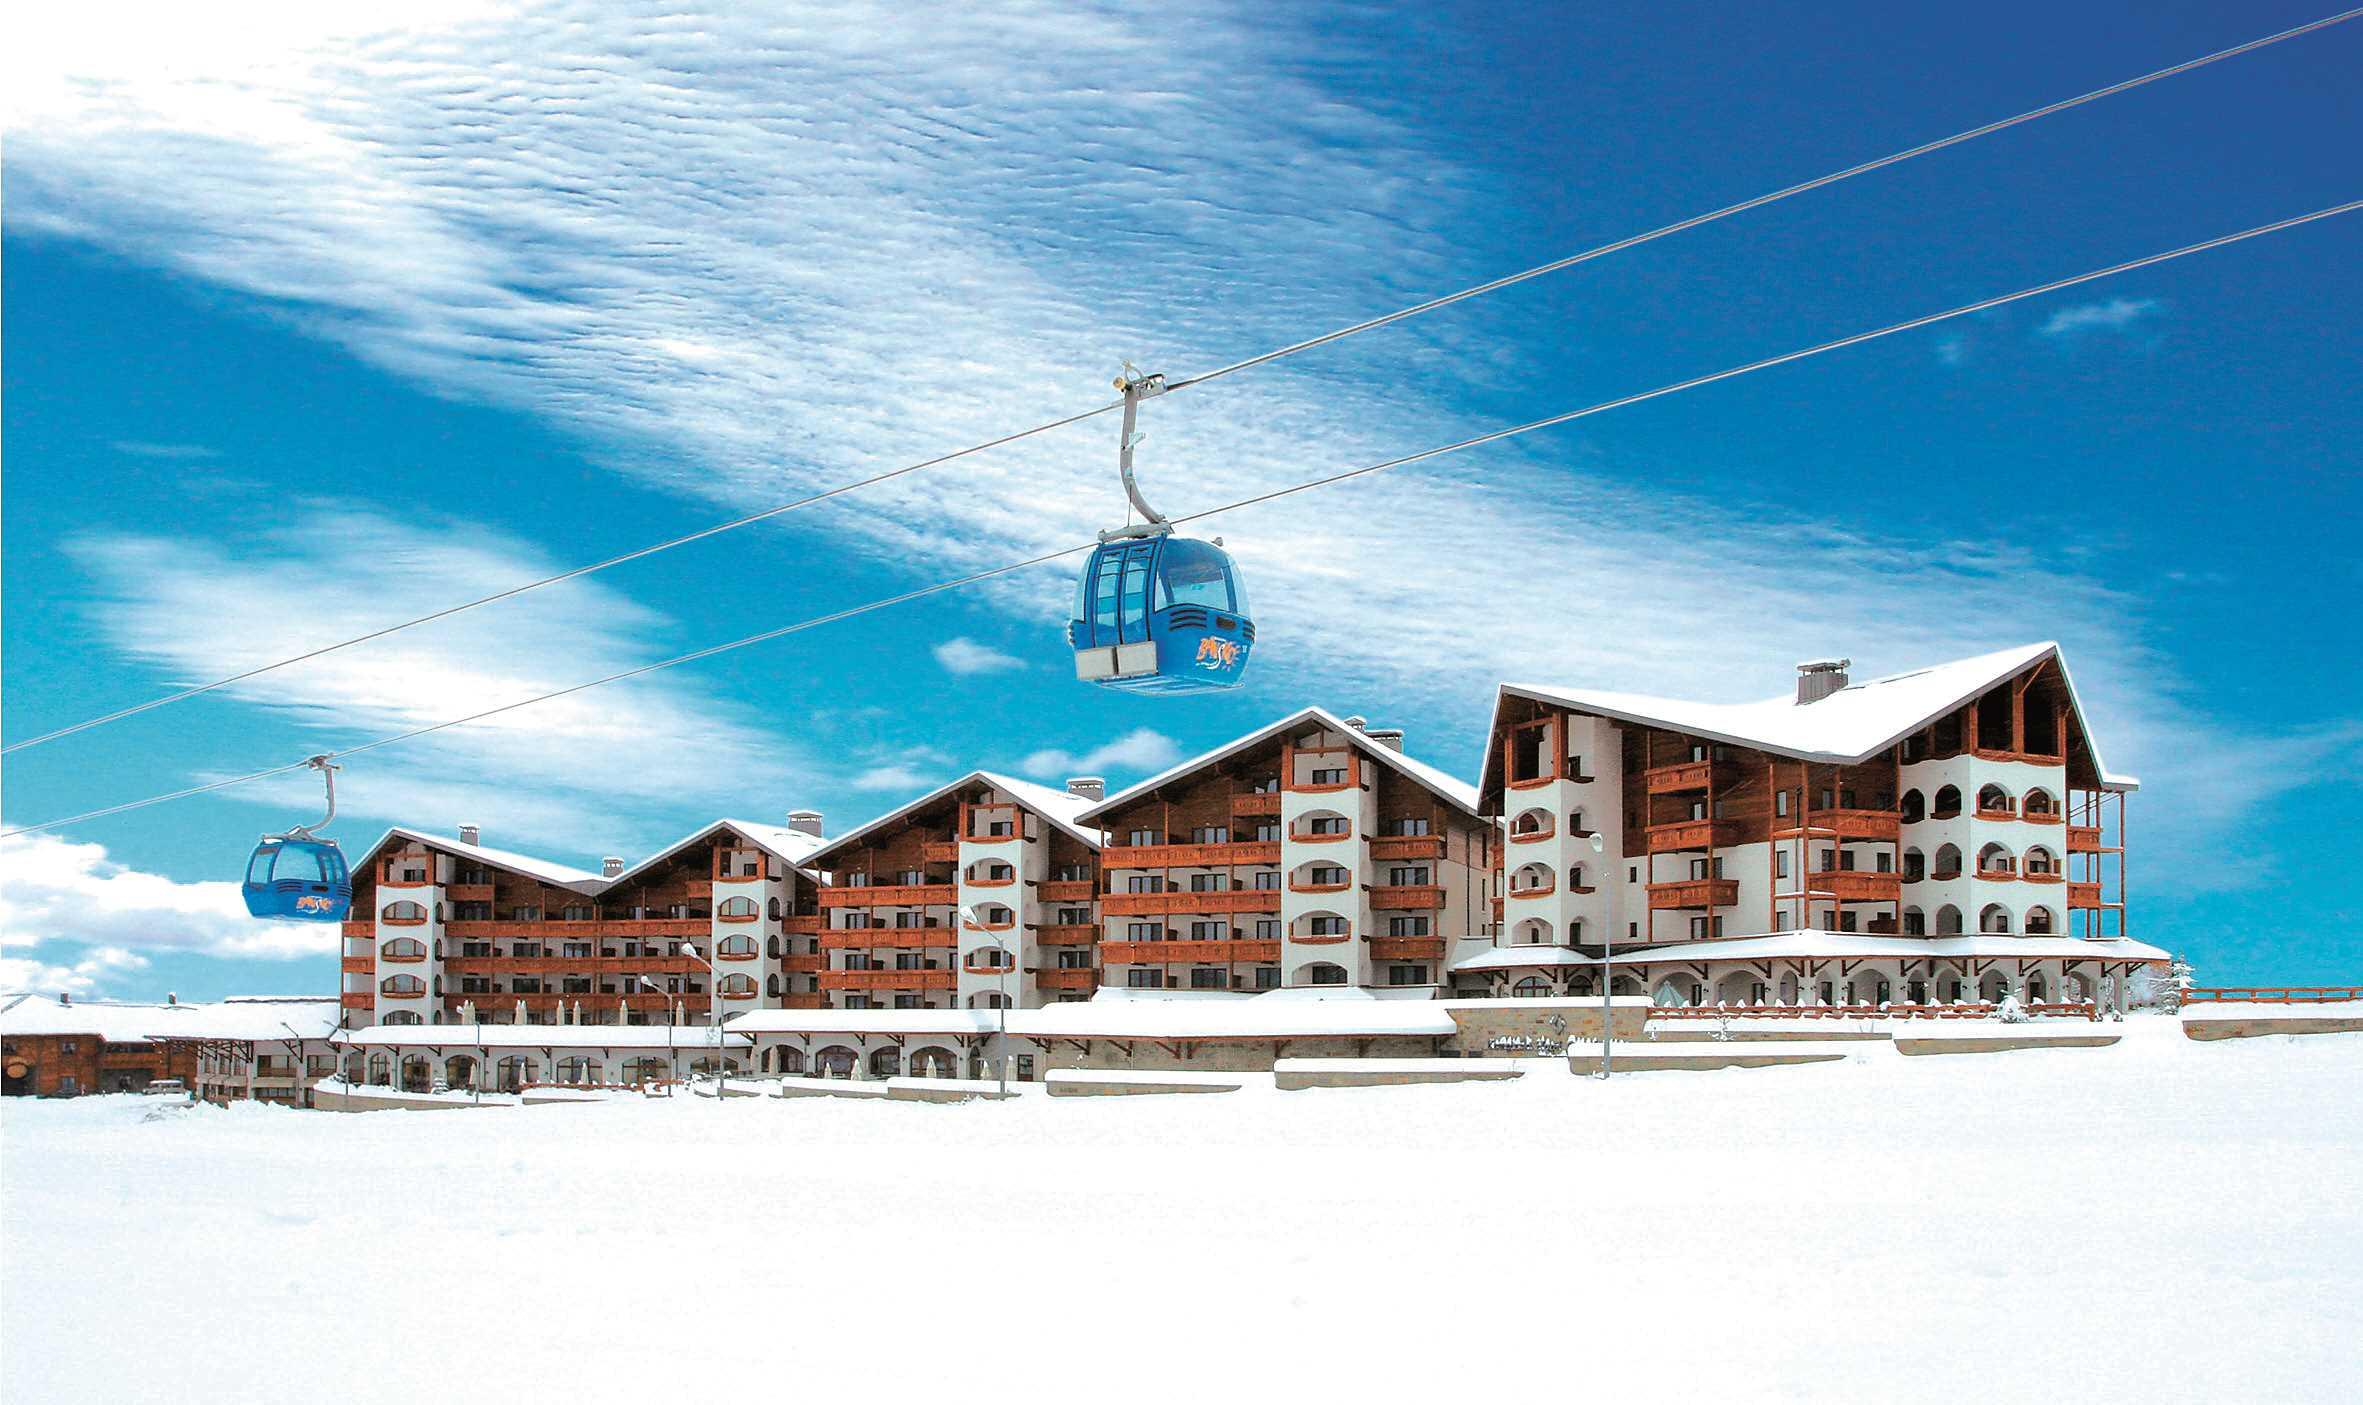 Ski Slopes KHGA 1_3193_Original (Copy)